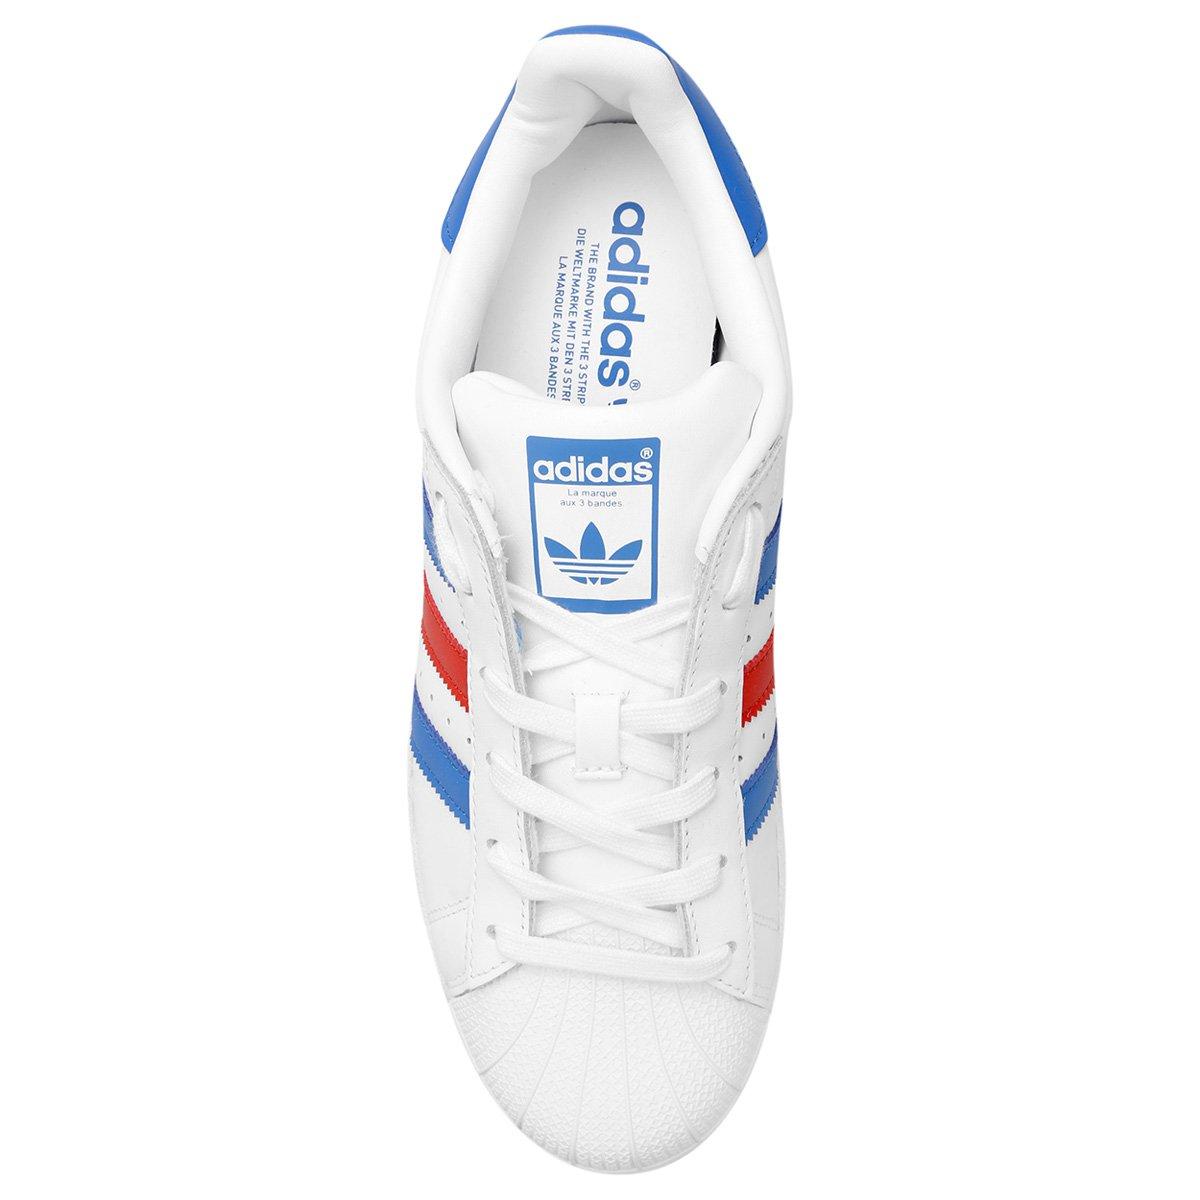 Tênis Couro Adidas Superstar Foundation - Compre Agora  9b3270430df4d